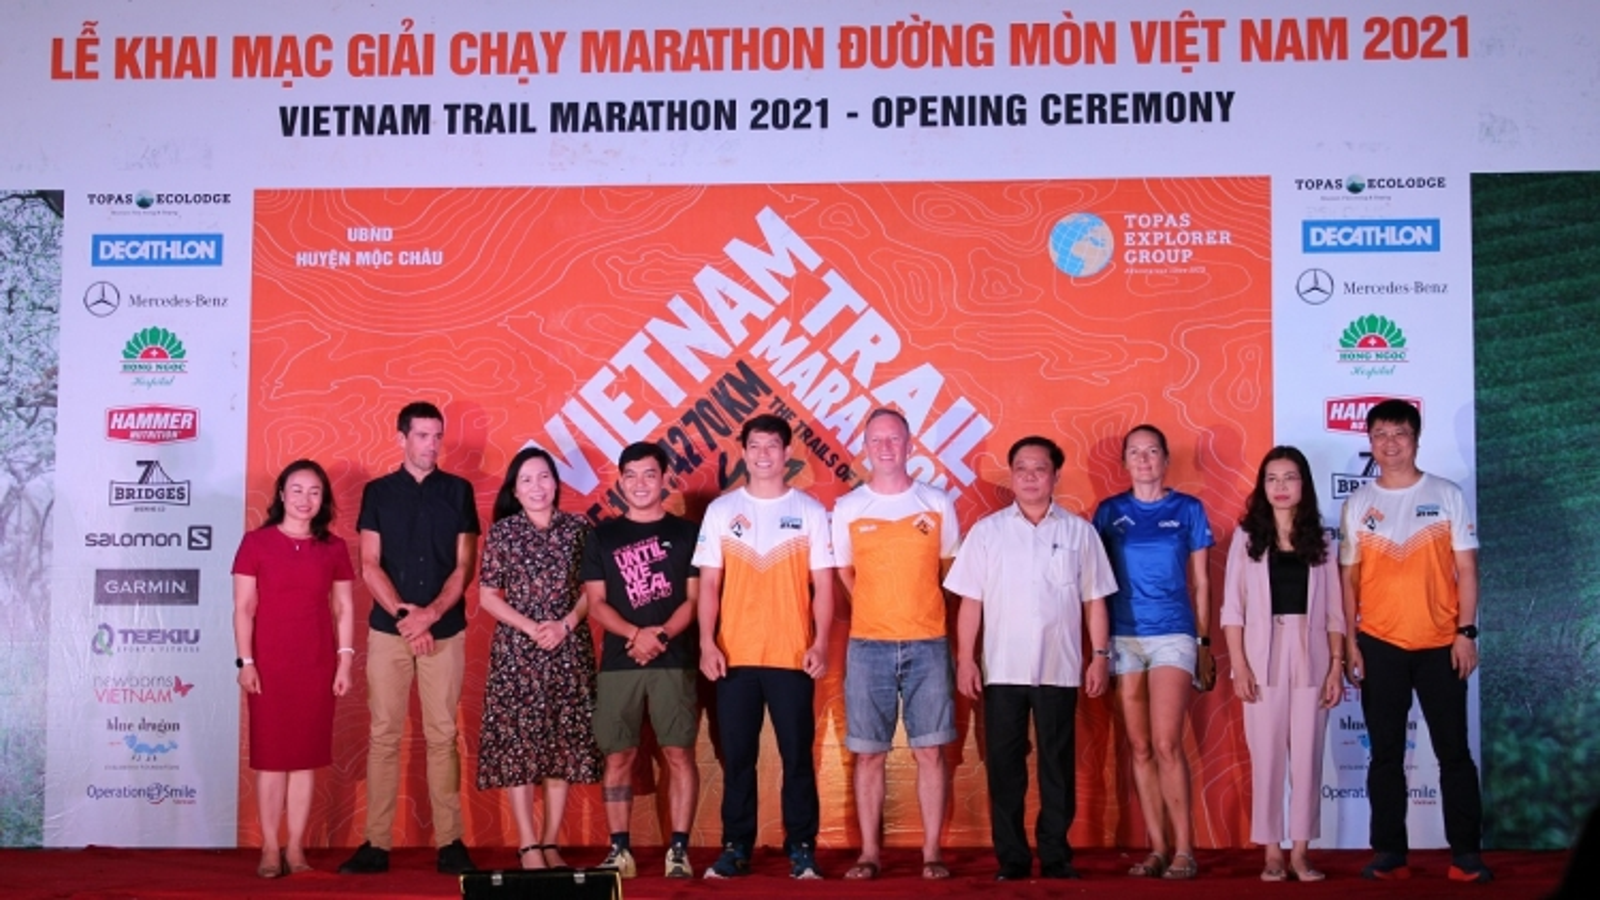 Khai mạc giải Marathon đường mòn Việt Nam năm 2021 tại Mộc Châu